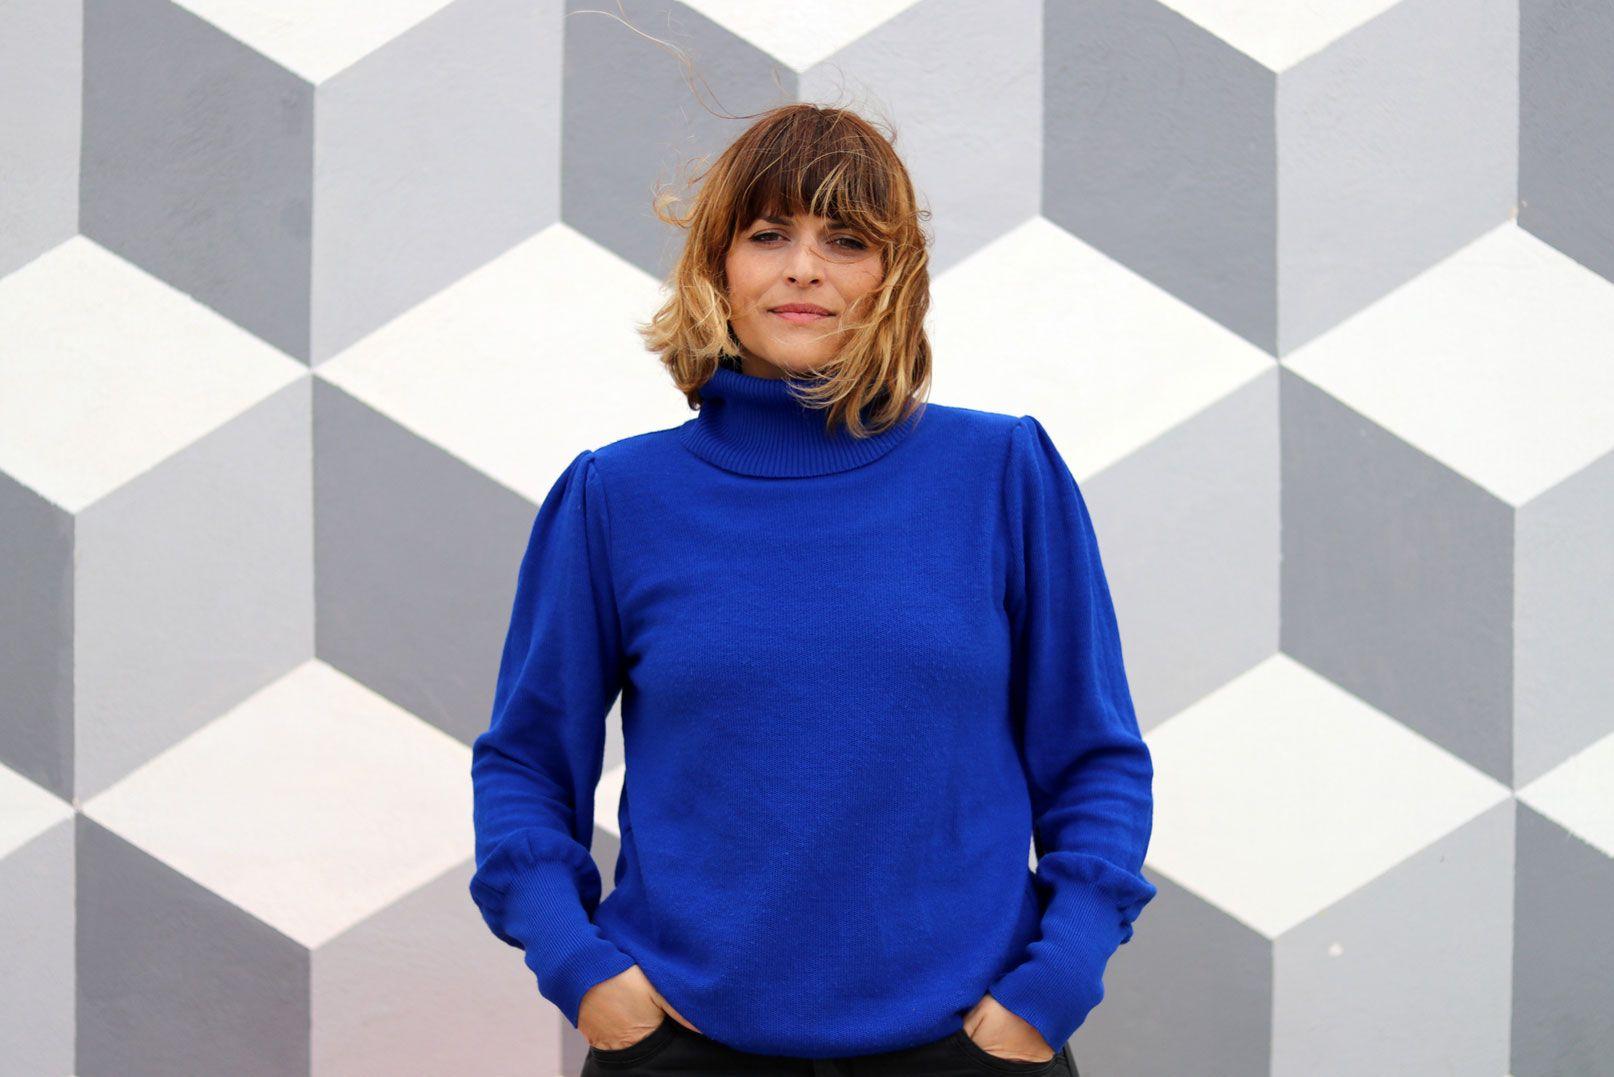 Cristina de Cos-Estrada, a graphic designer made in CEU Valencia